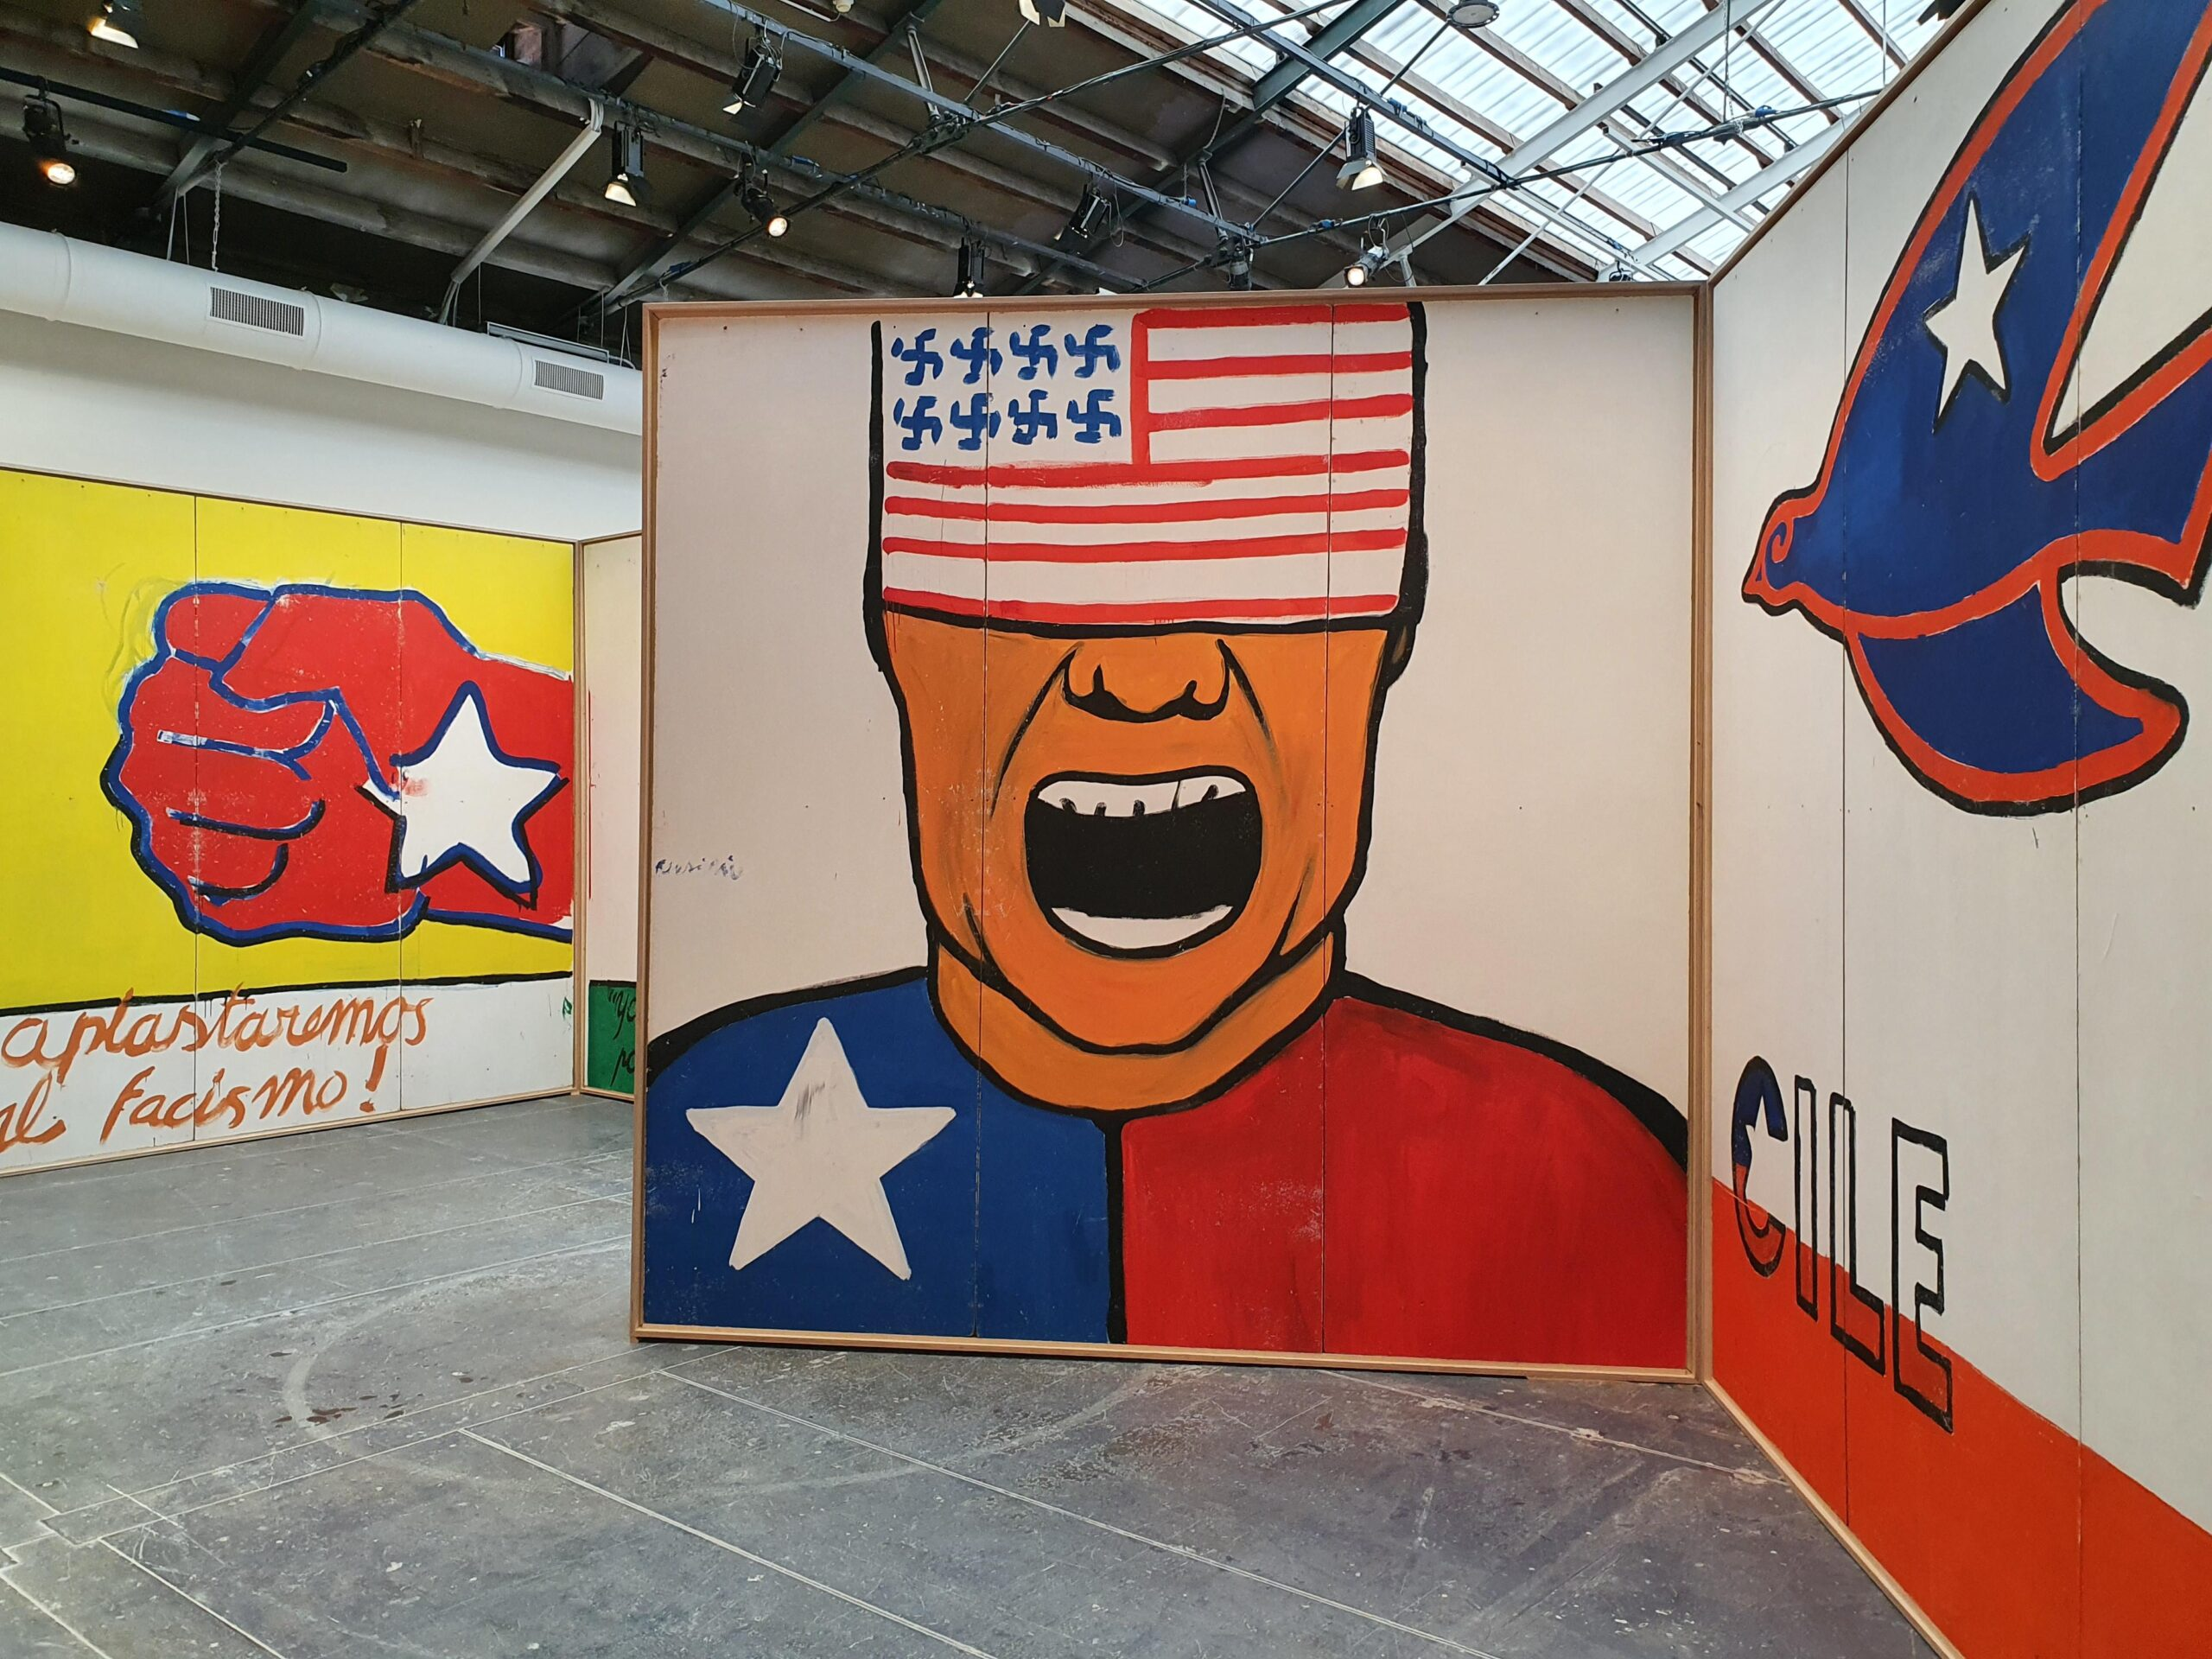 Se La Biennale incontra la Storia: Le Muse inquiete in mostra a Venezia